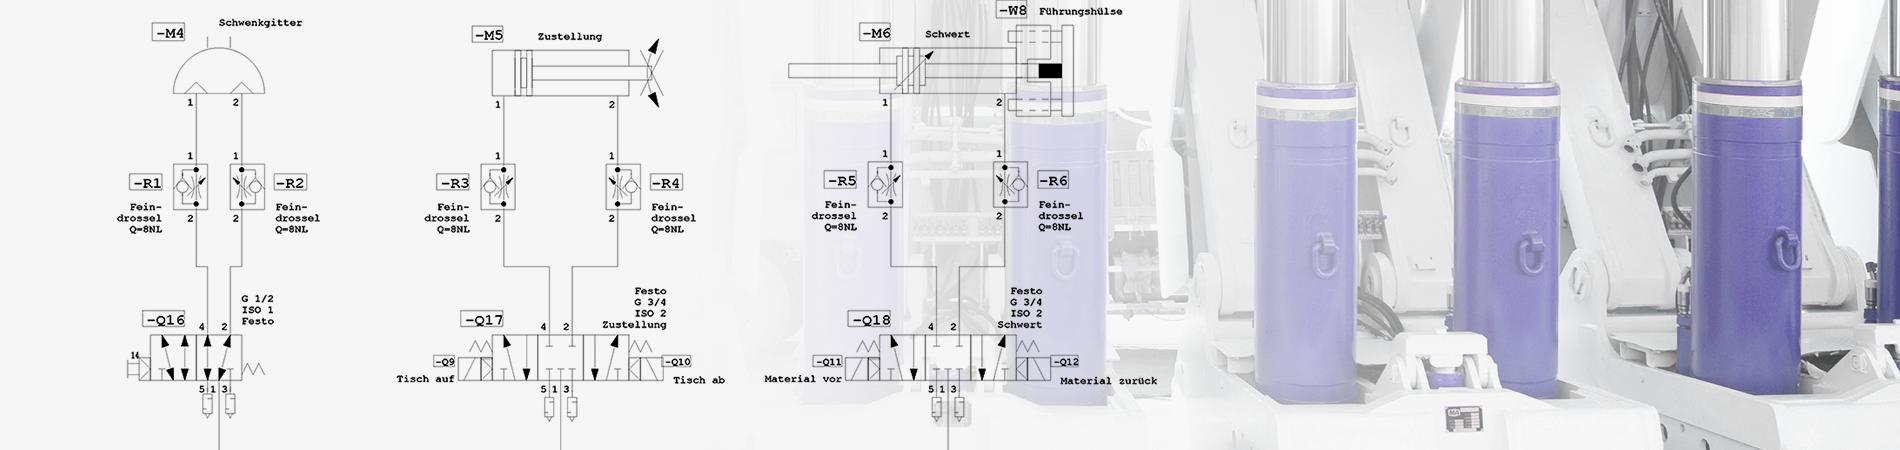 Fluid Engineering